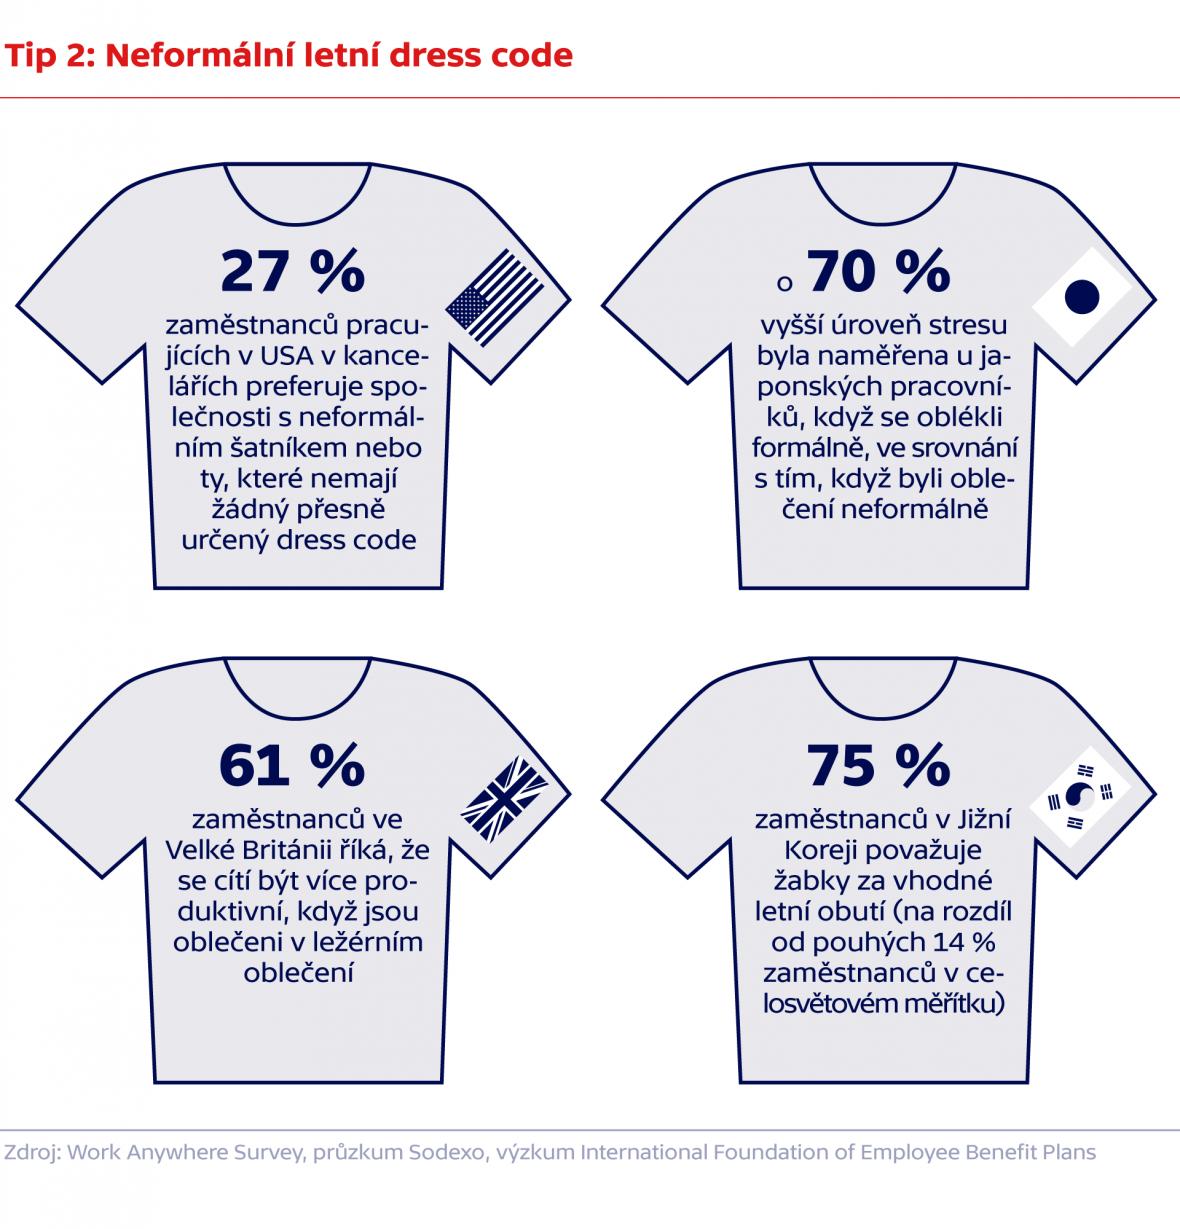 Tip 2: Neformální letní dress code